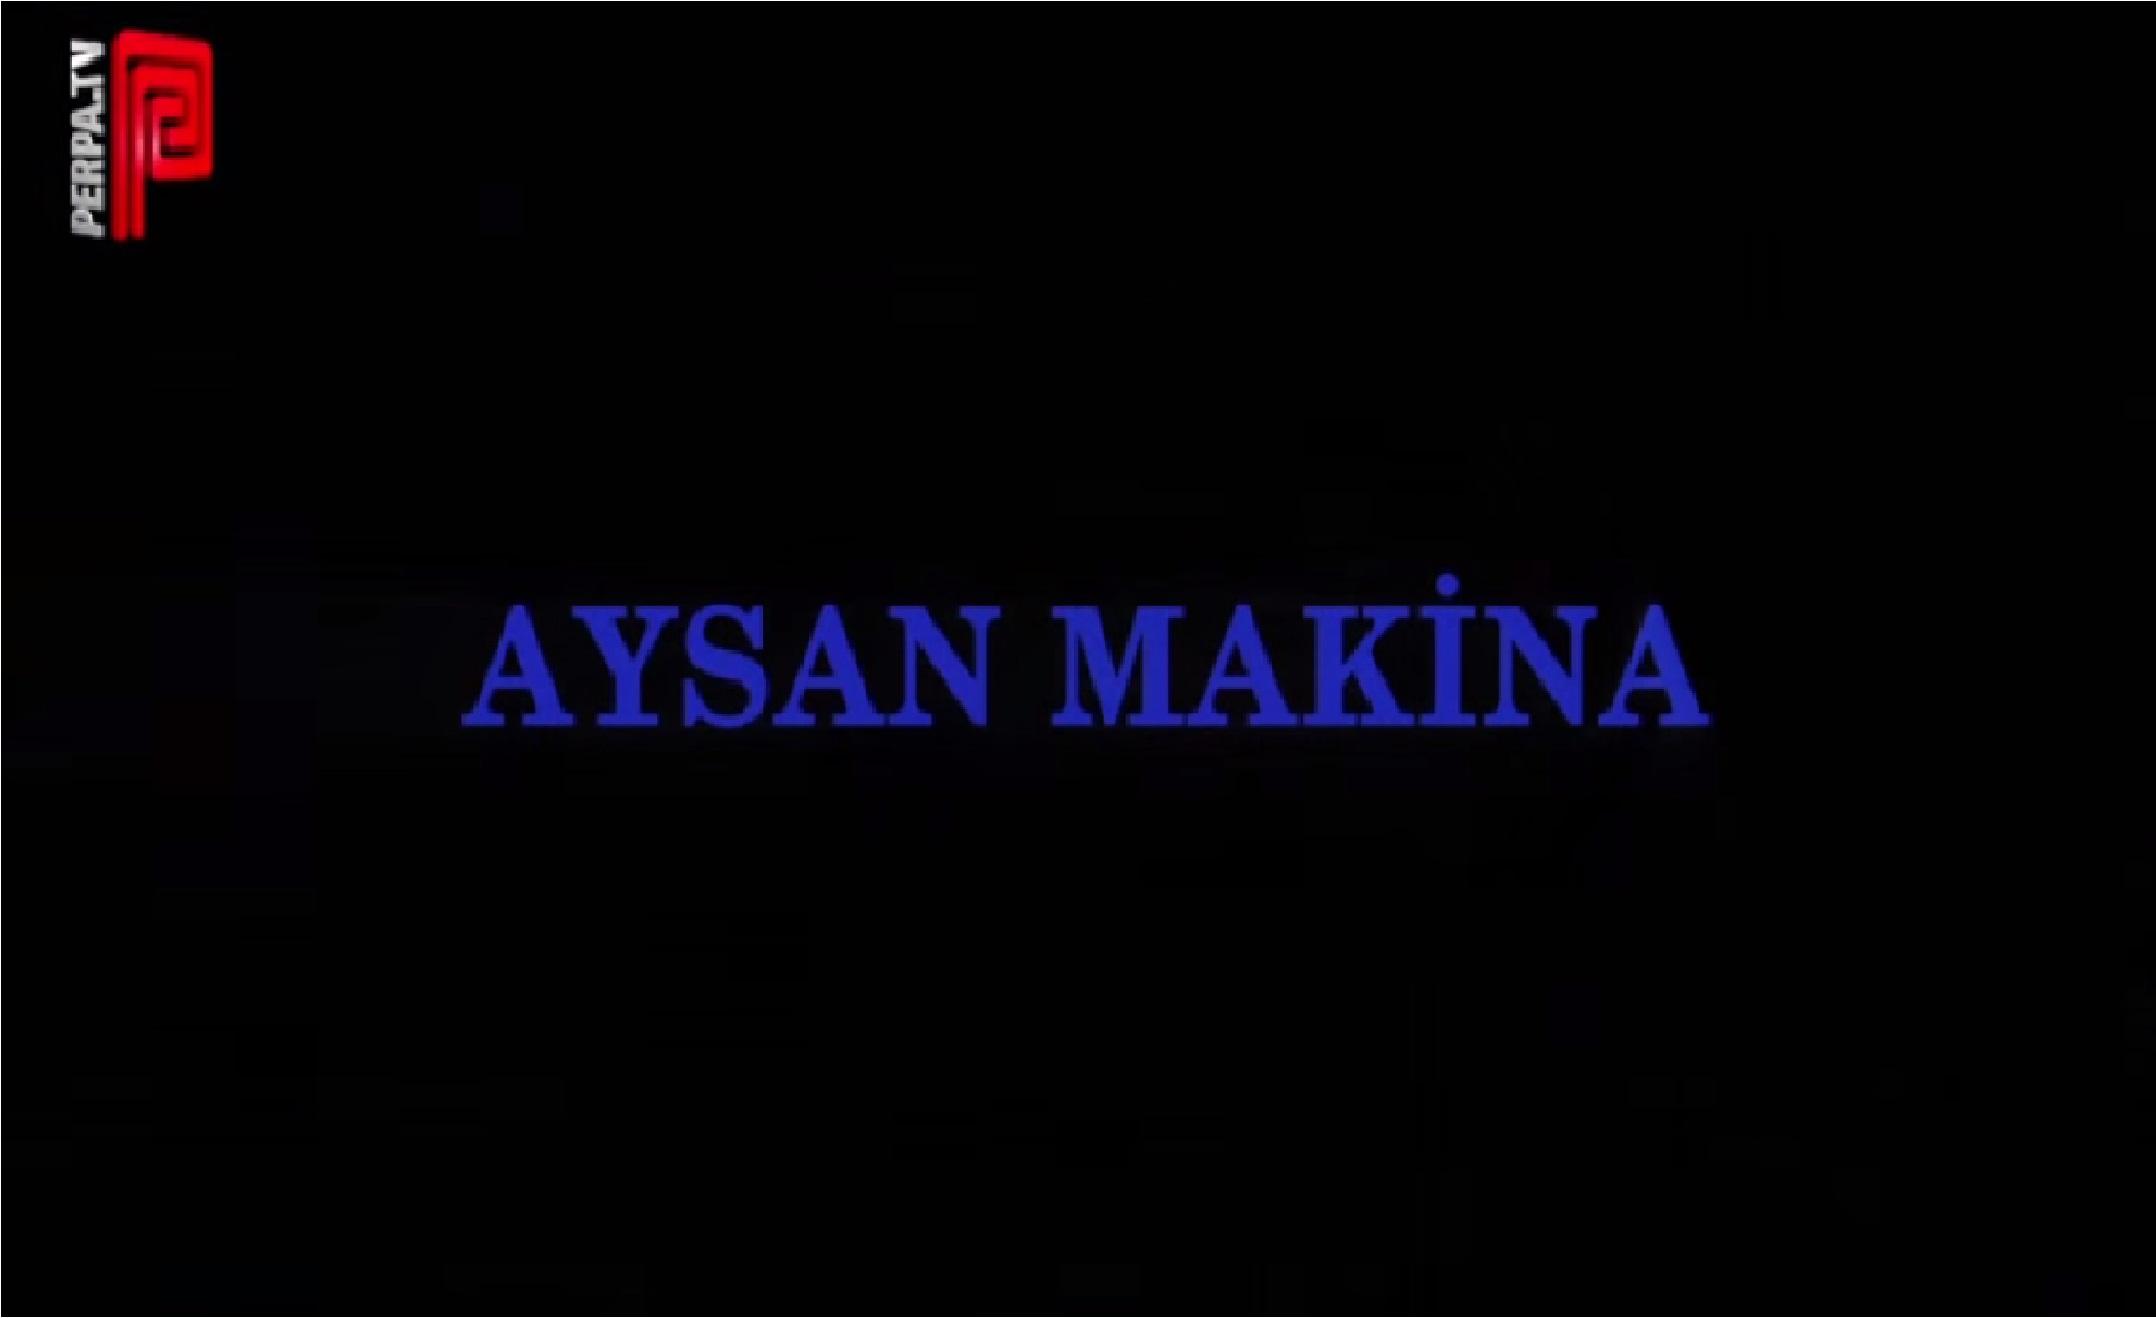 aysan_makina